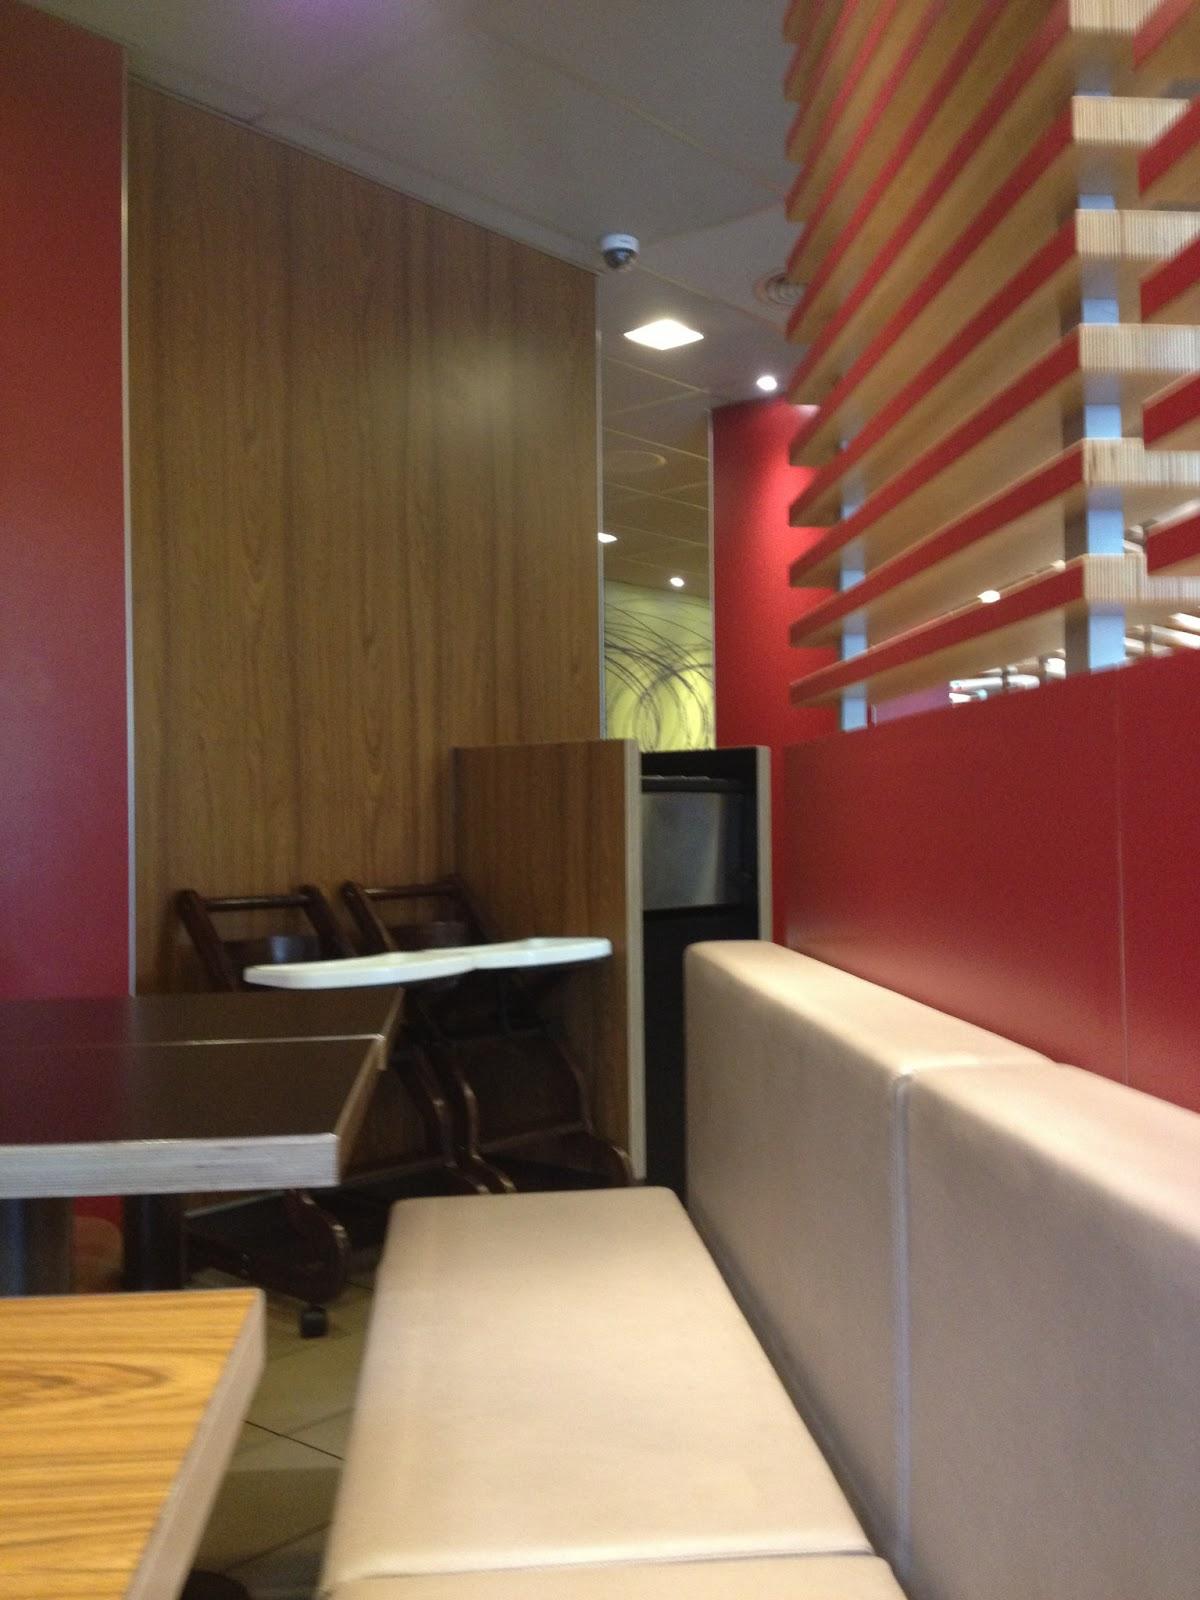 It's McDonald's Time - mlaiu.blogspot.co.uk